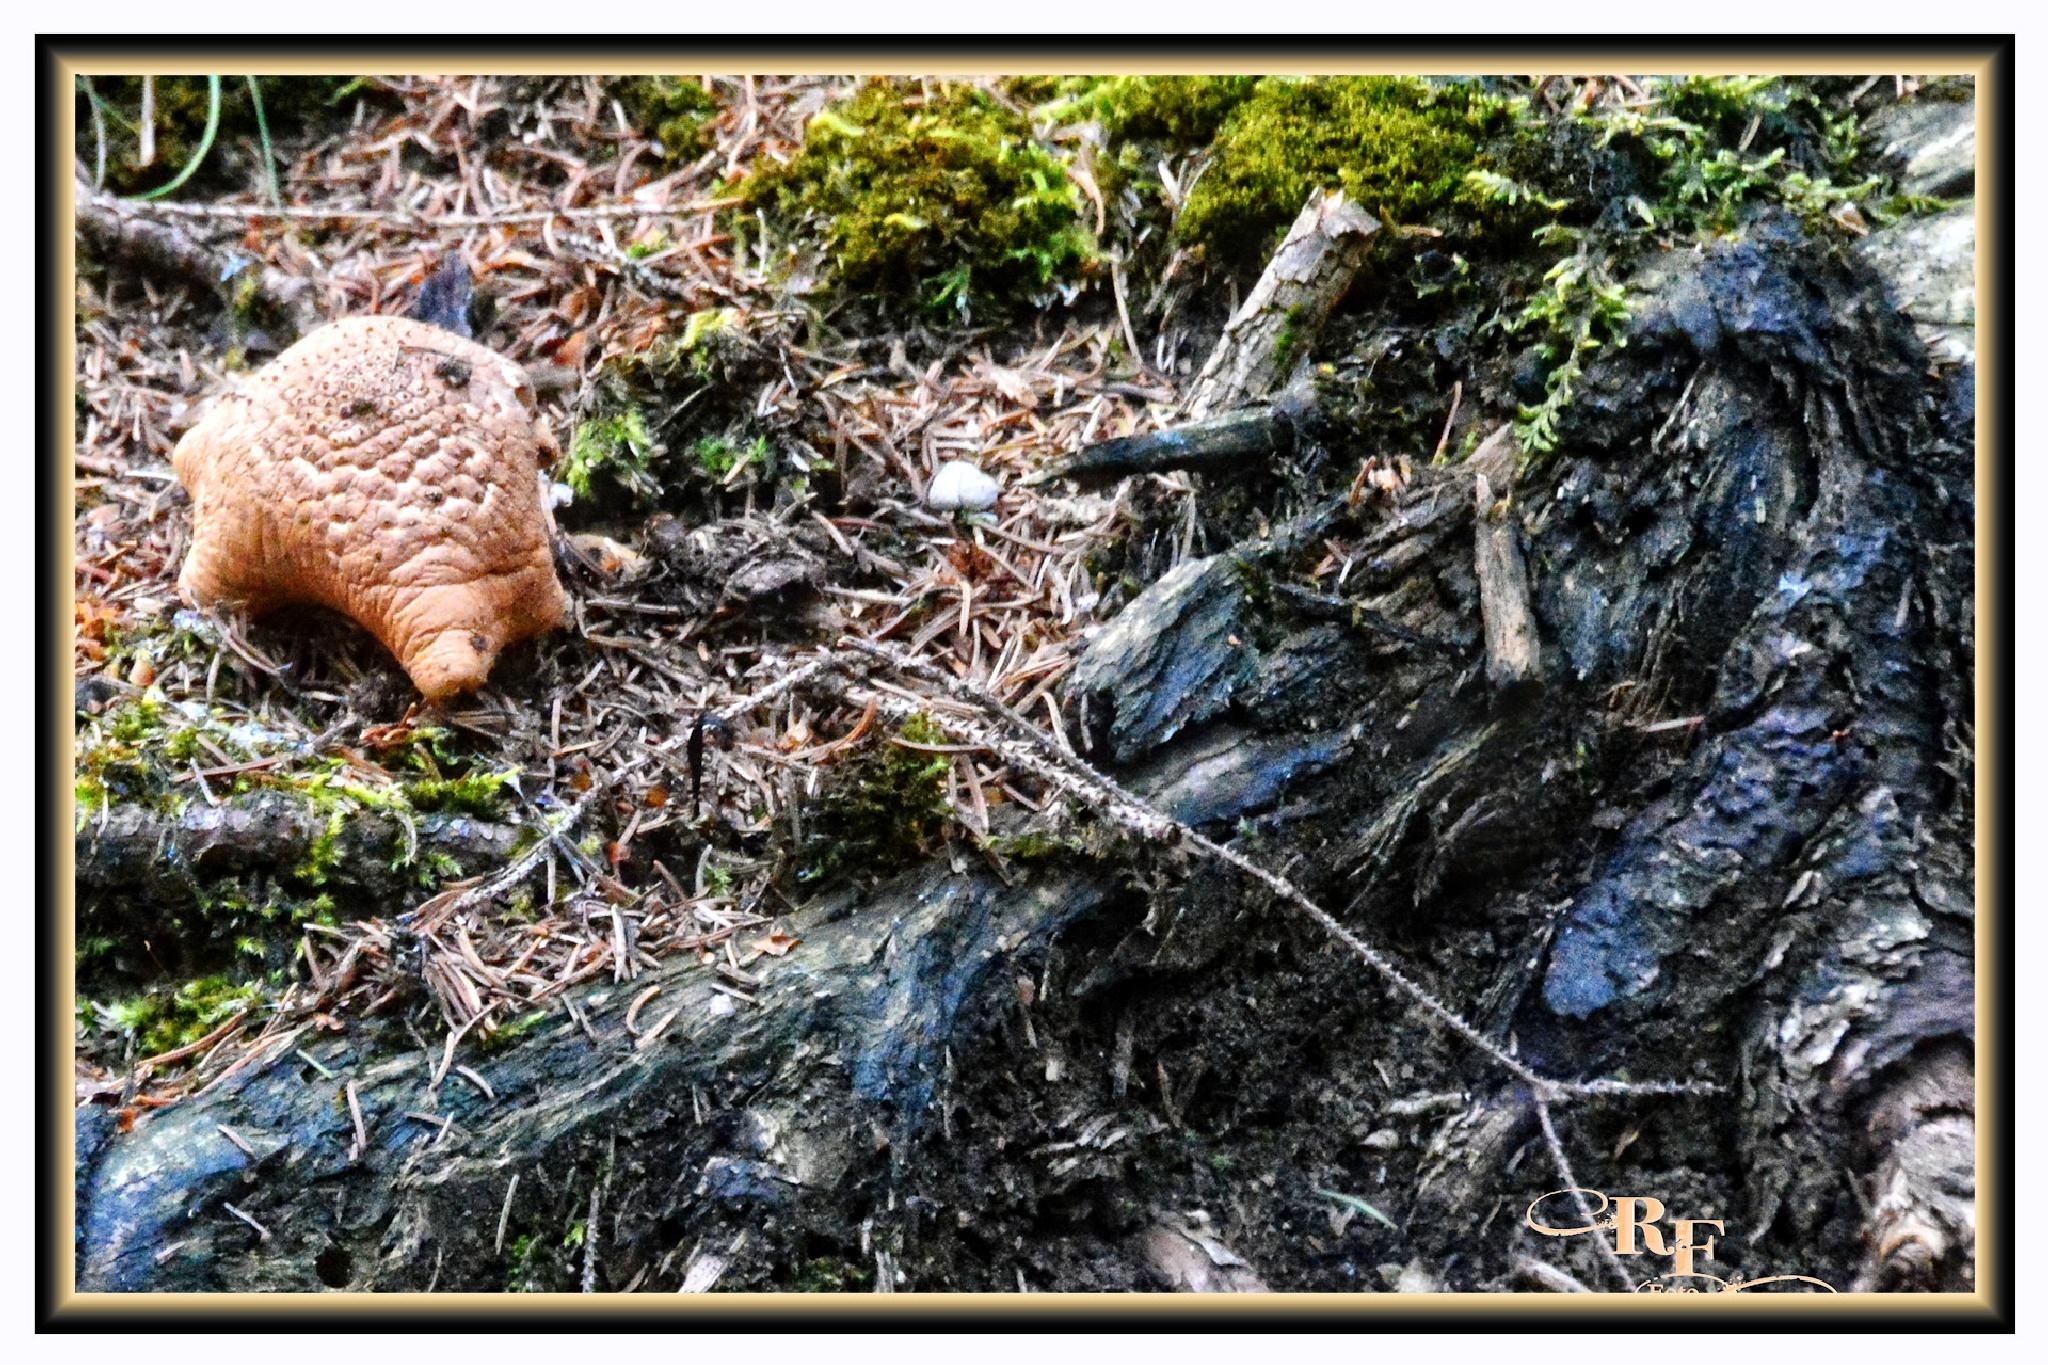 Was ist das? Ein Gürteltier oder ein Pilz? by RoPaFue